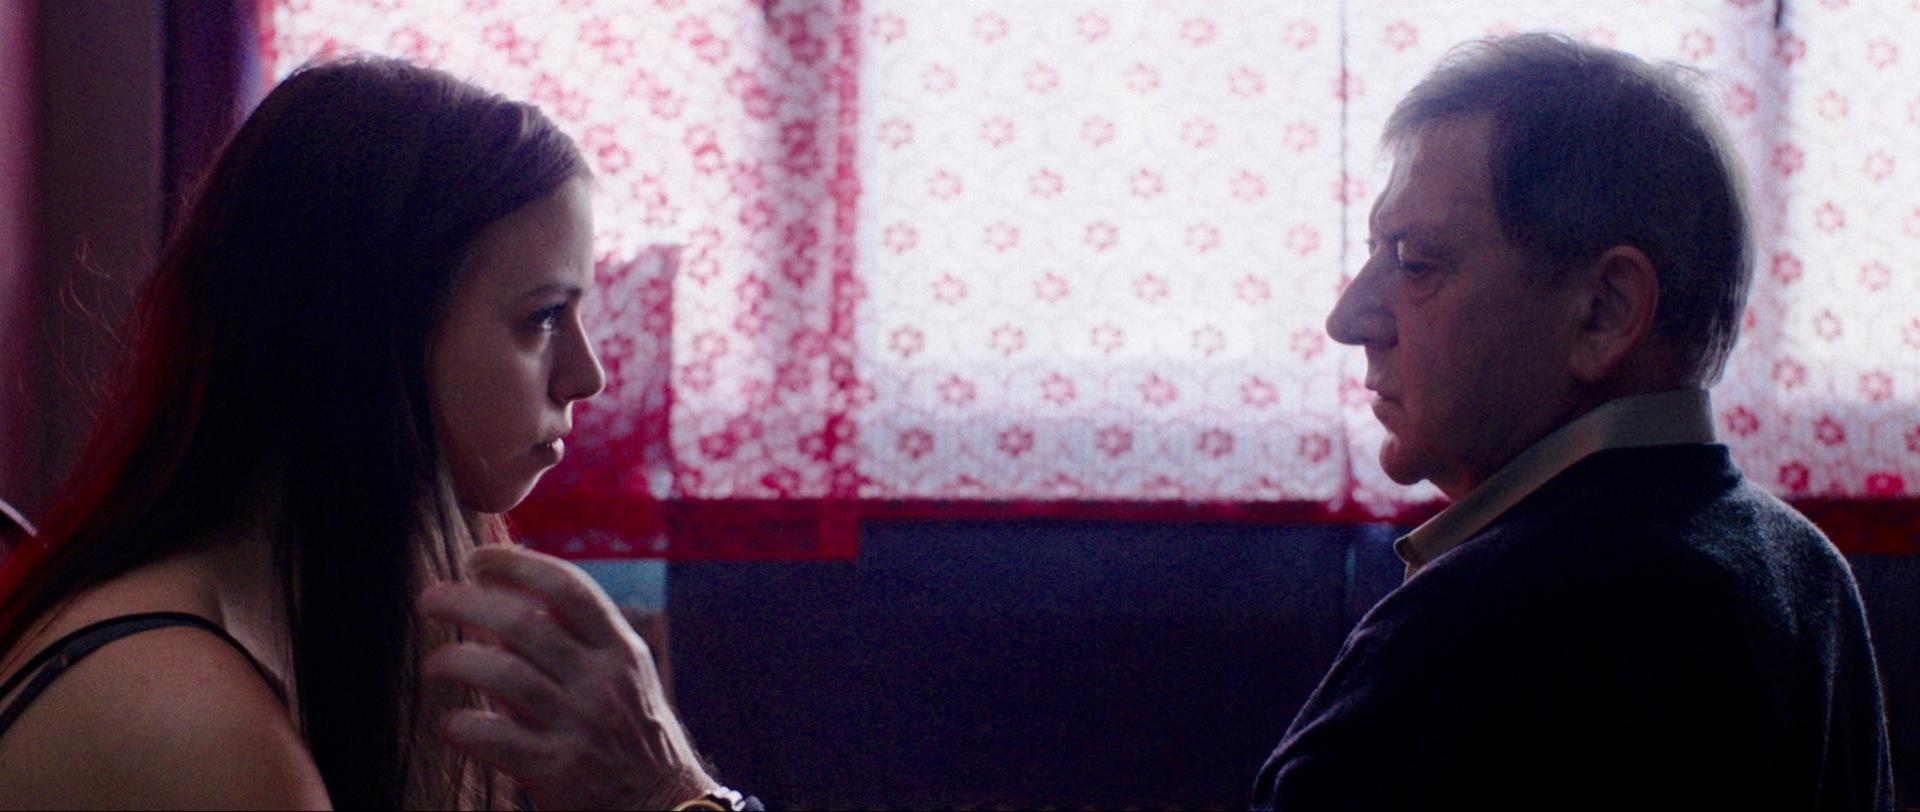 Traumland - Dreamland - Mia (Luna Mijovic) und Rolf (André Jung) - Regie Petra Volpe - Kamera Judith Kaufmann